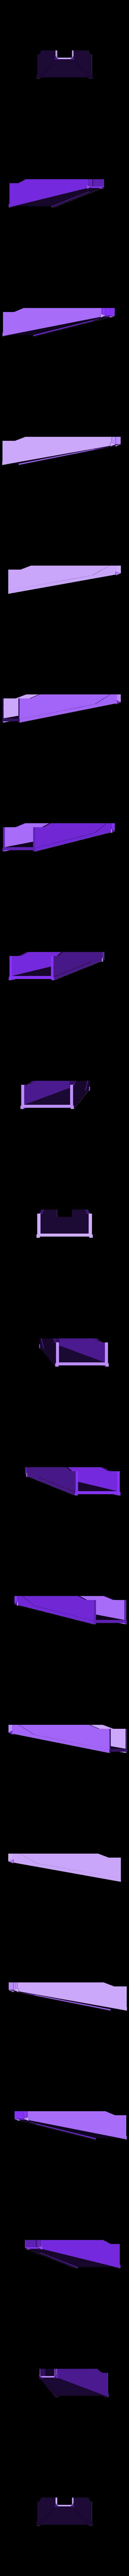 Vr 2.0 left tower.stl Download free STL file Mechanical Desktop SD-Card Holder • 3D printable model, LittleTup